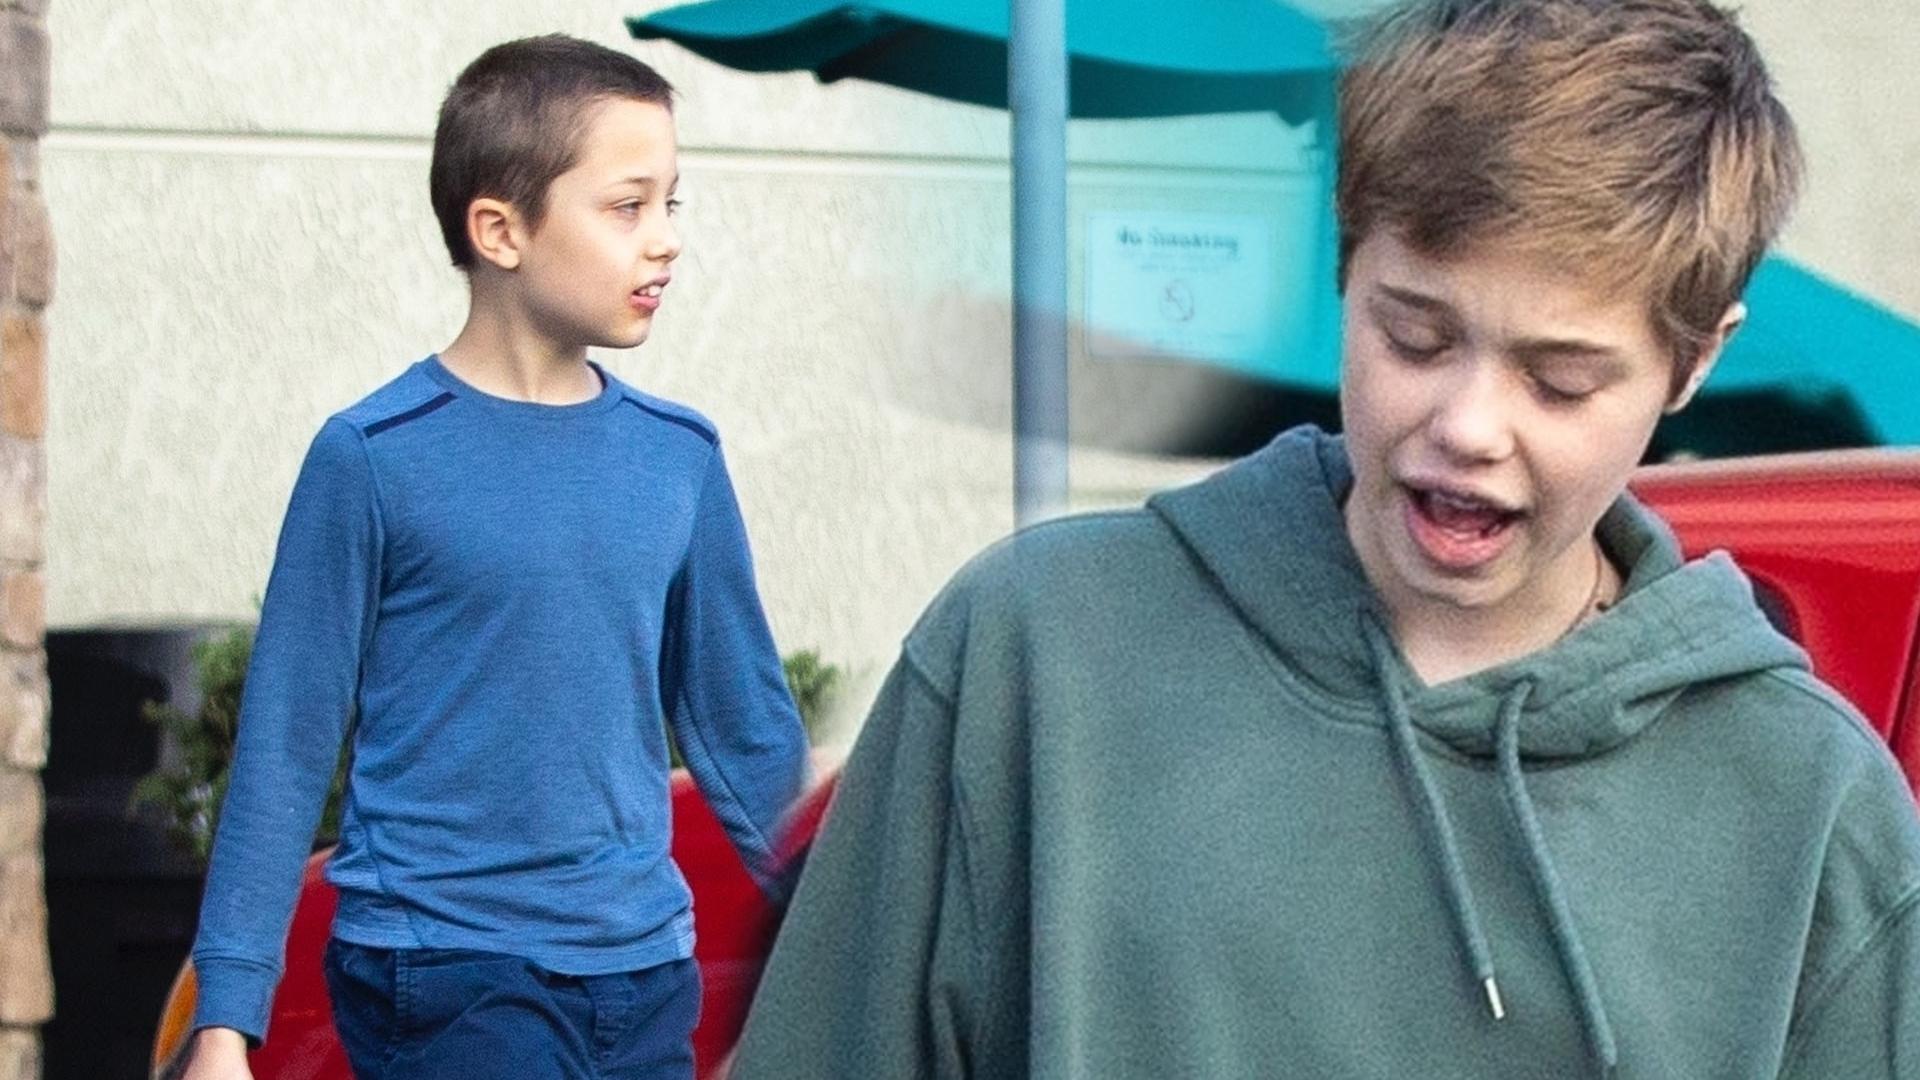 12-letnia Shiloh Jolie-Pitt taszczy zakupy z bratem (ZDJĘCIA)